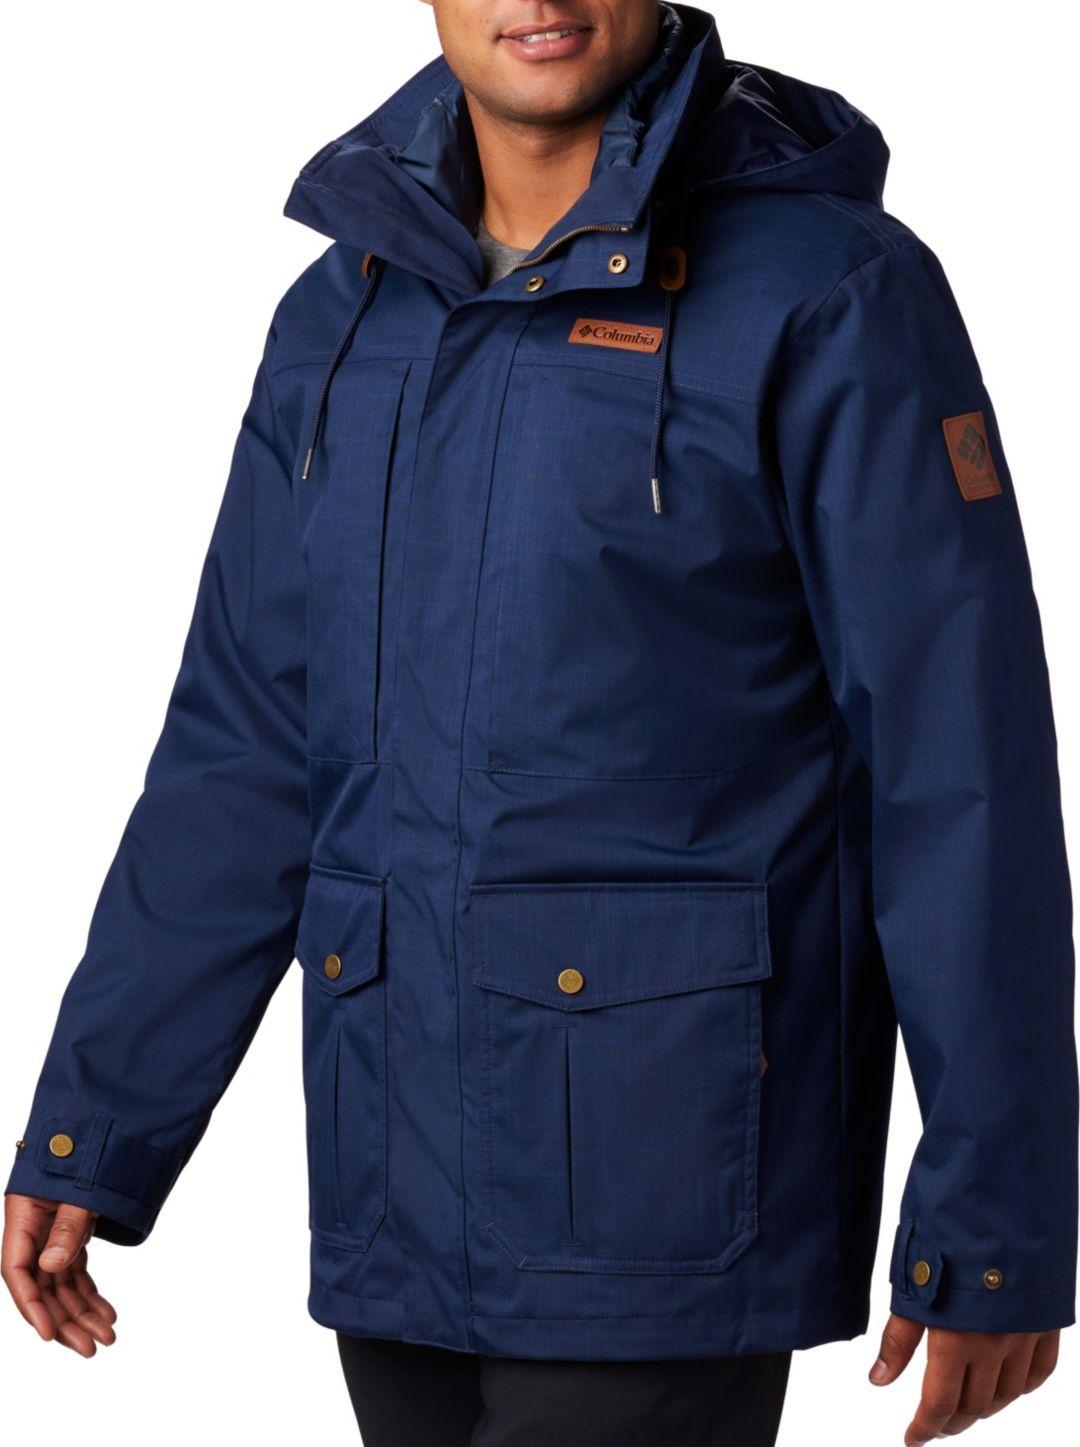 Columbia Men's Horizons Pine Interchange 3 in 1 Jacket